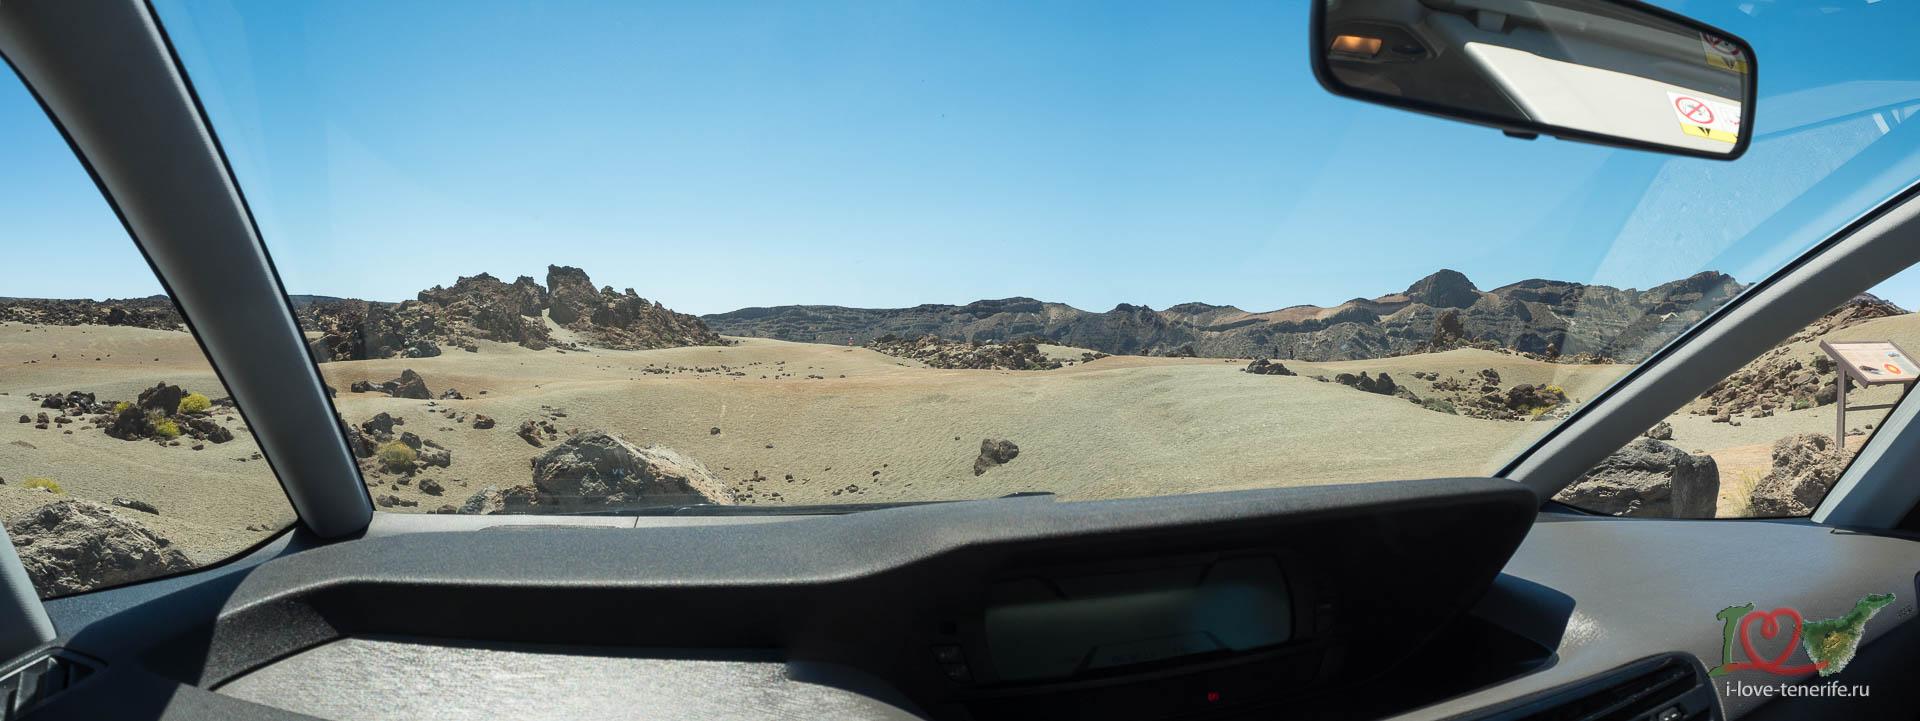 Экскурсия на 7-местном автомобиле с панорамным обзором